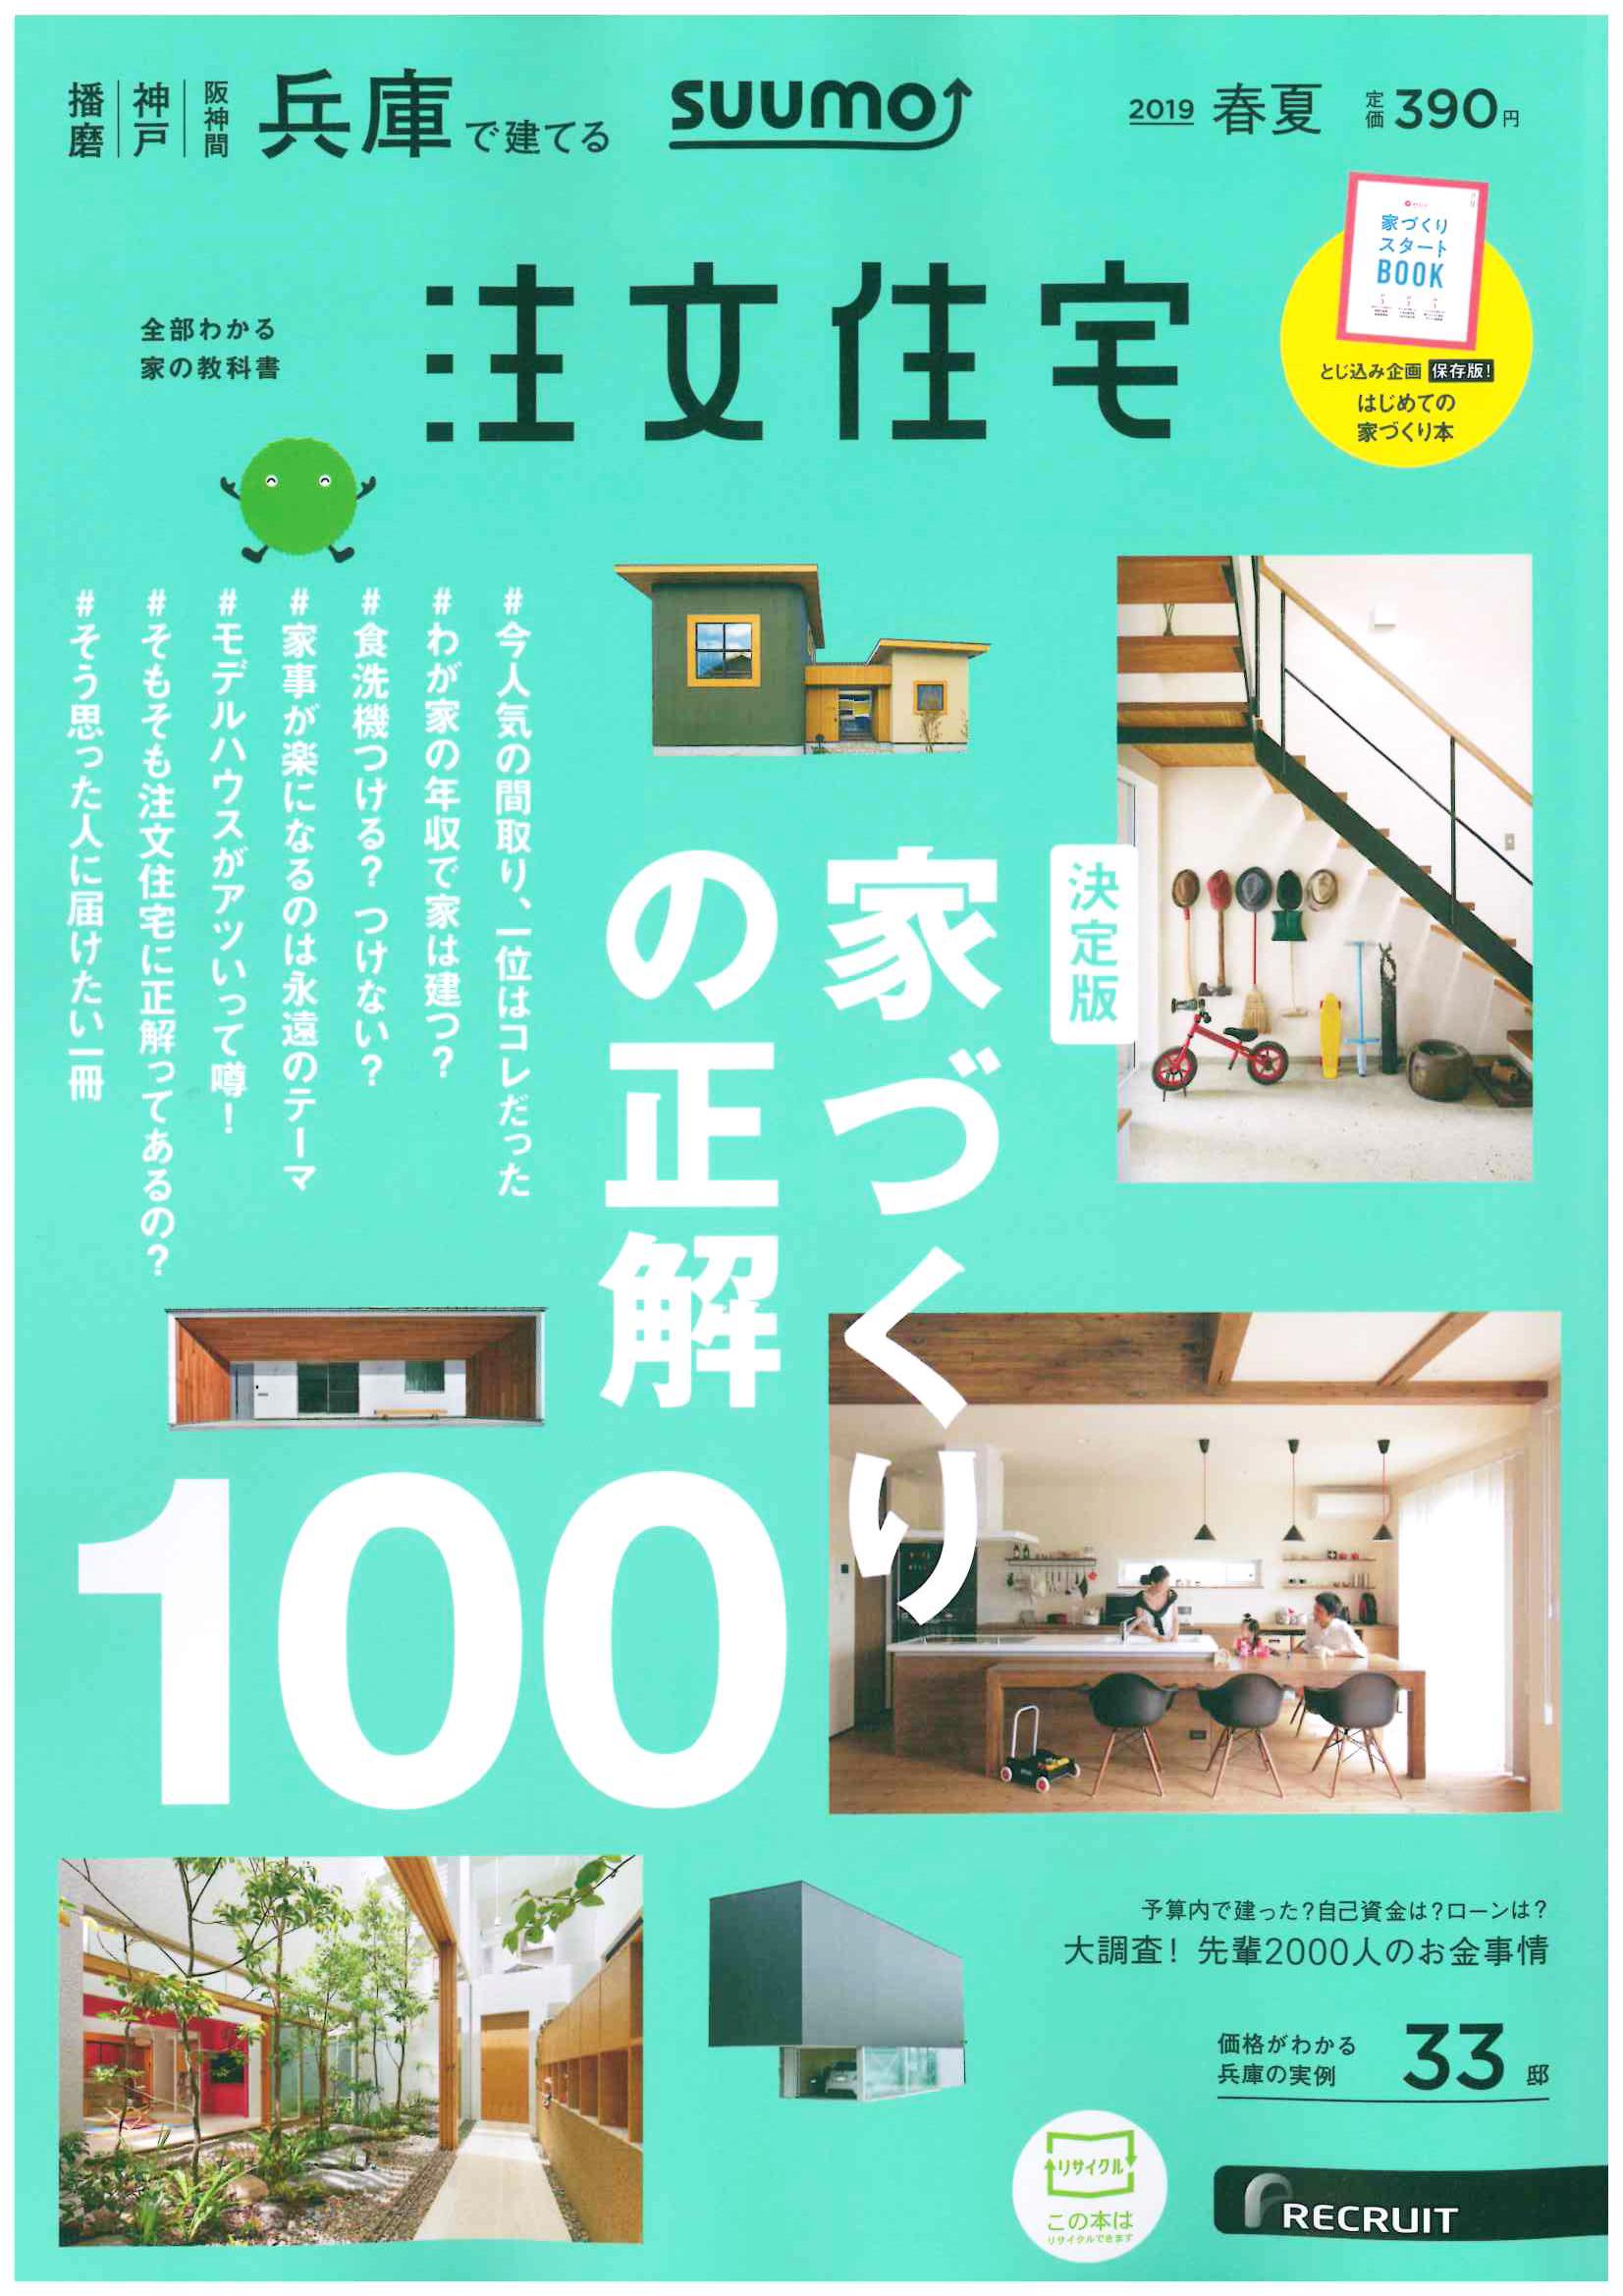 2019.4.20発売SUUMO春夏号表紙